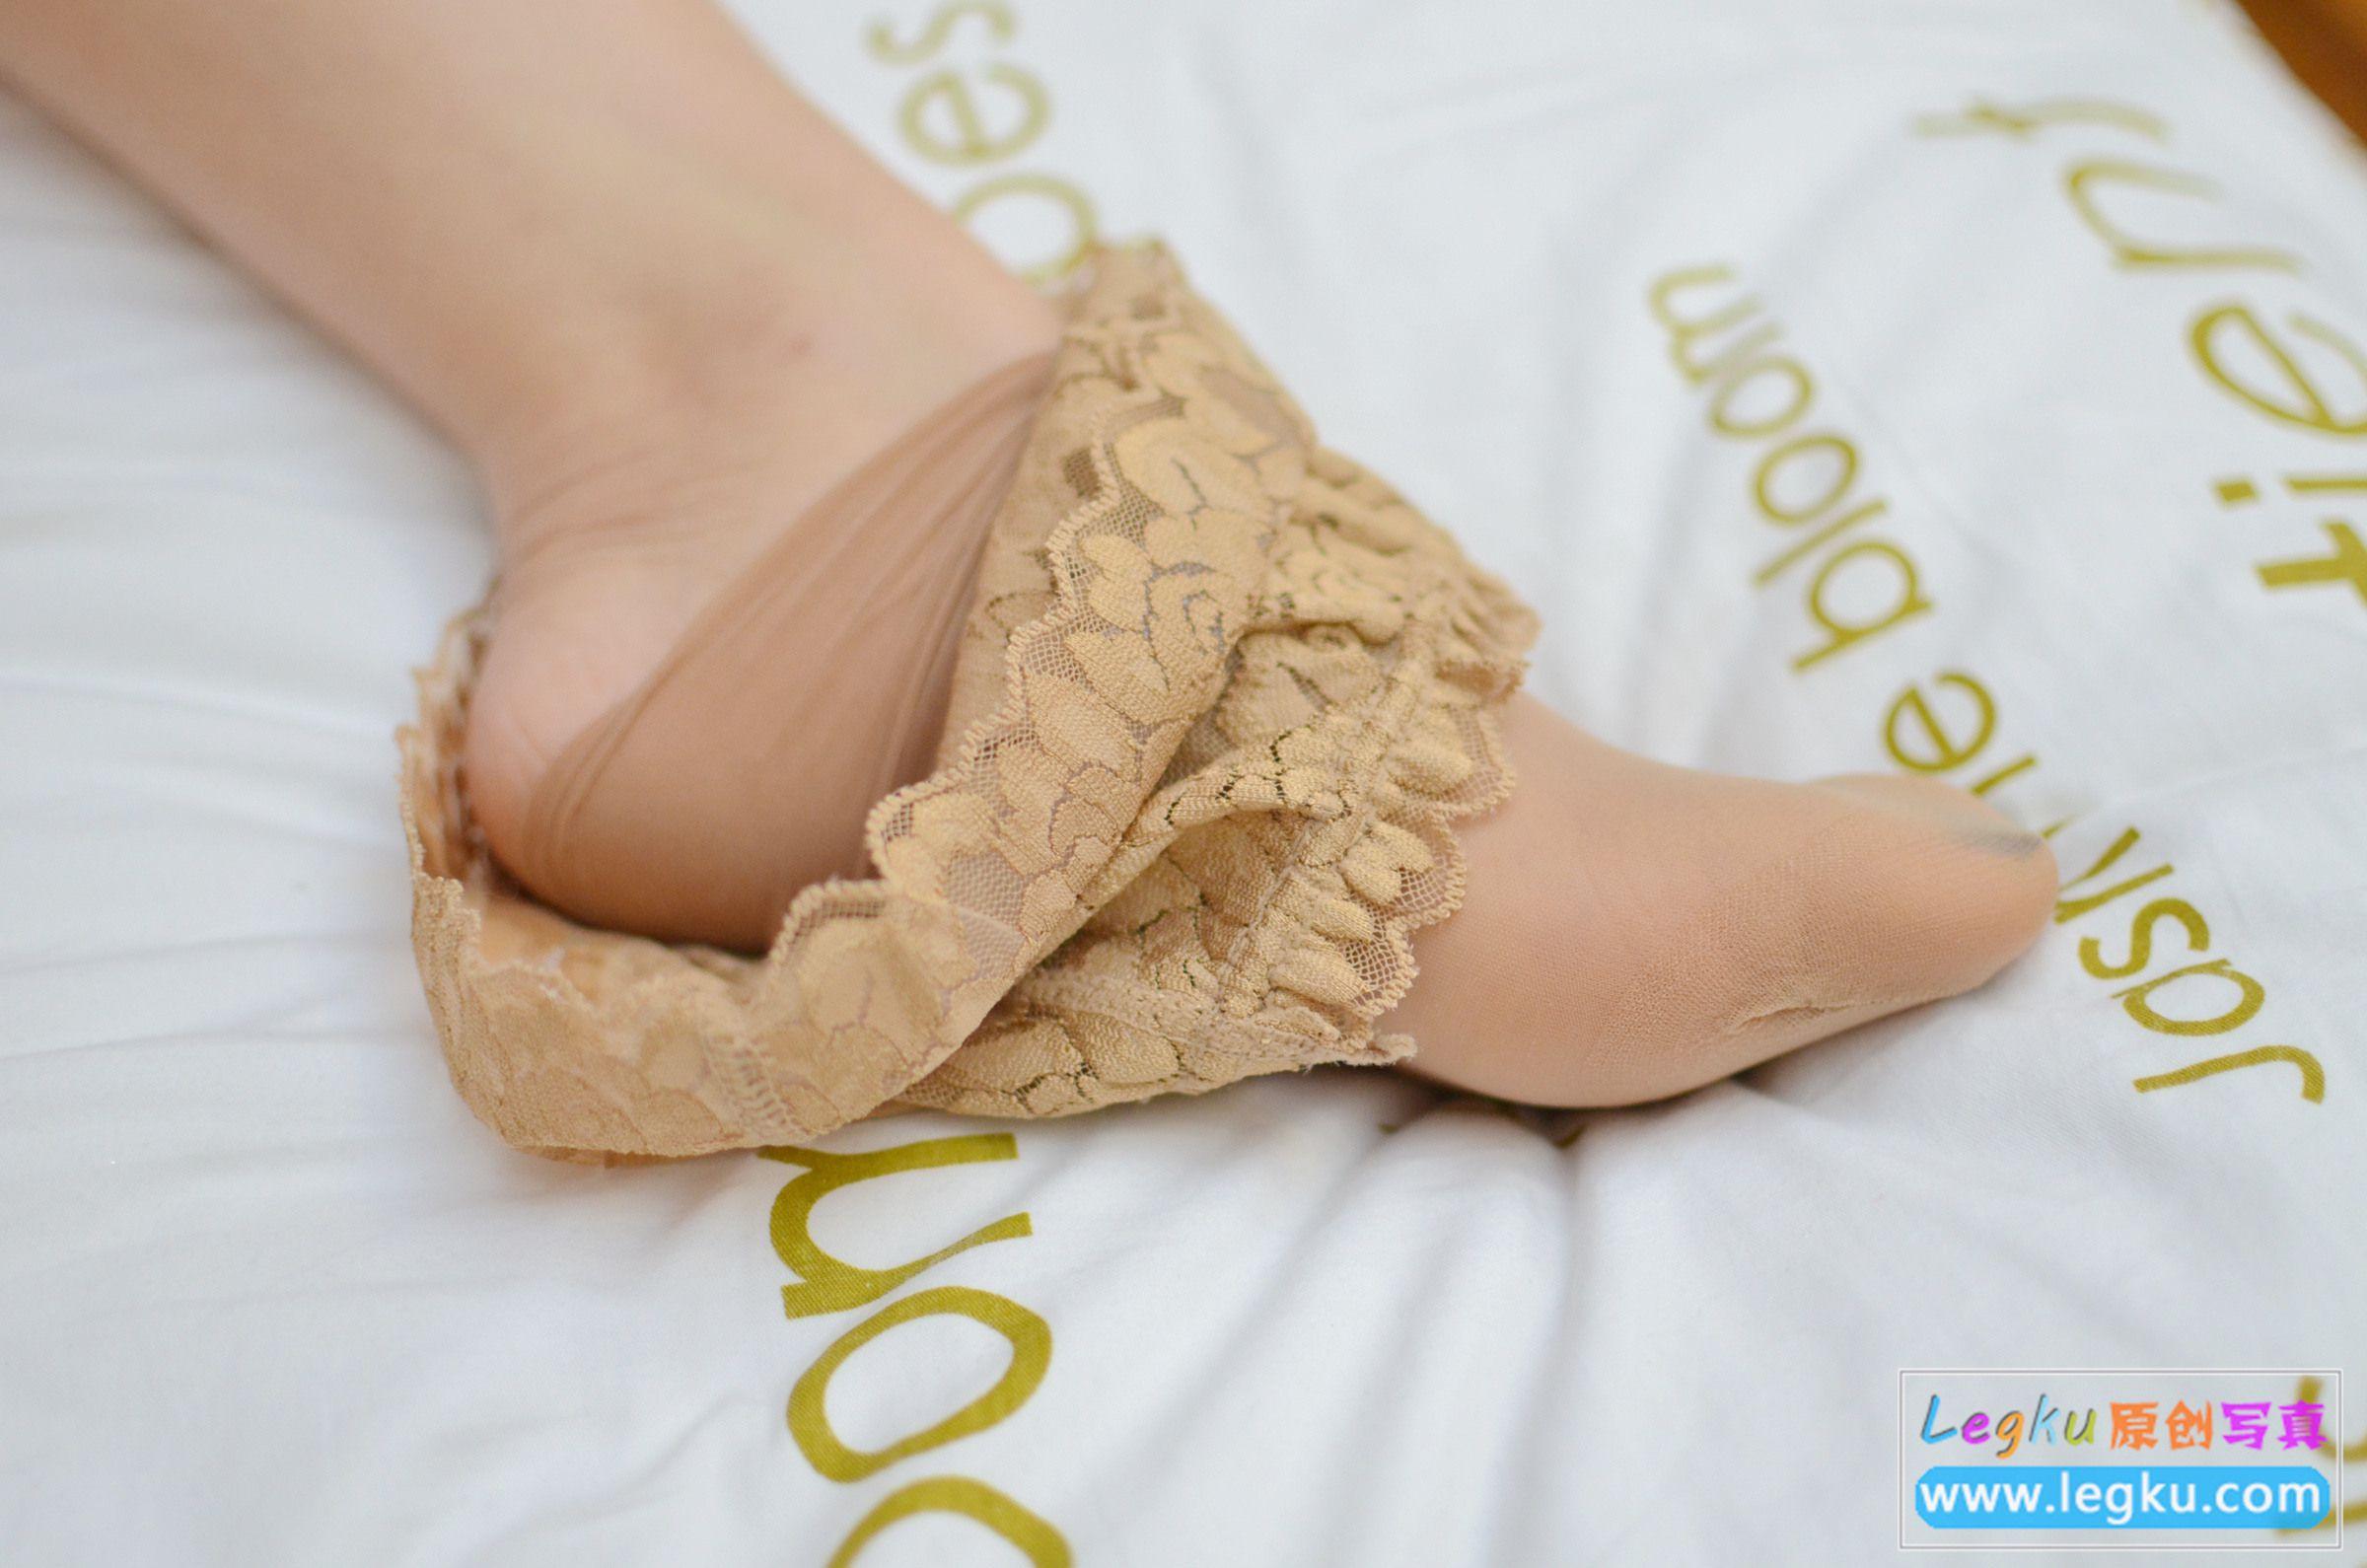 肉丝袜美脚凉高跟 写真套图